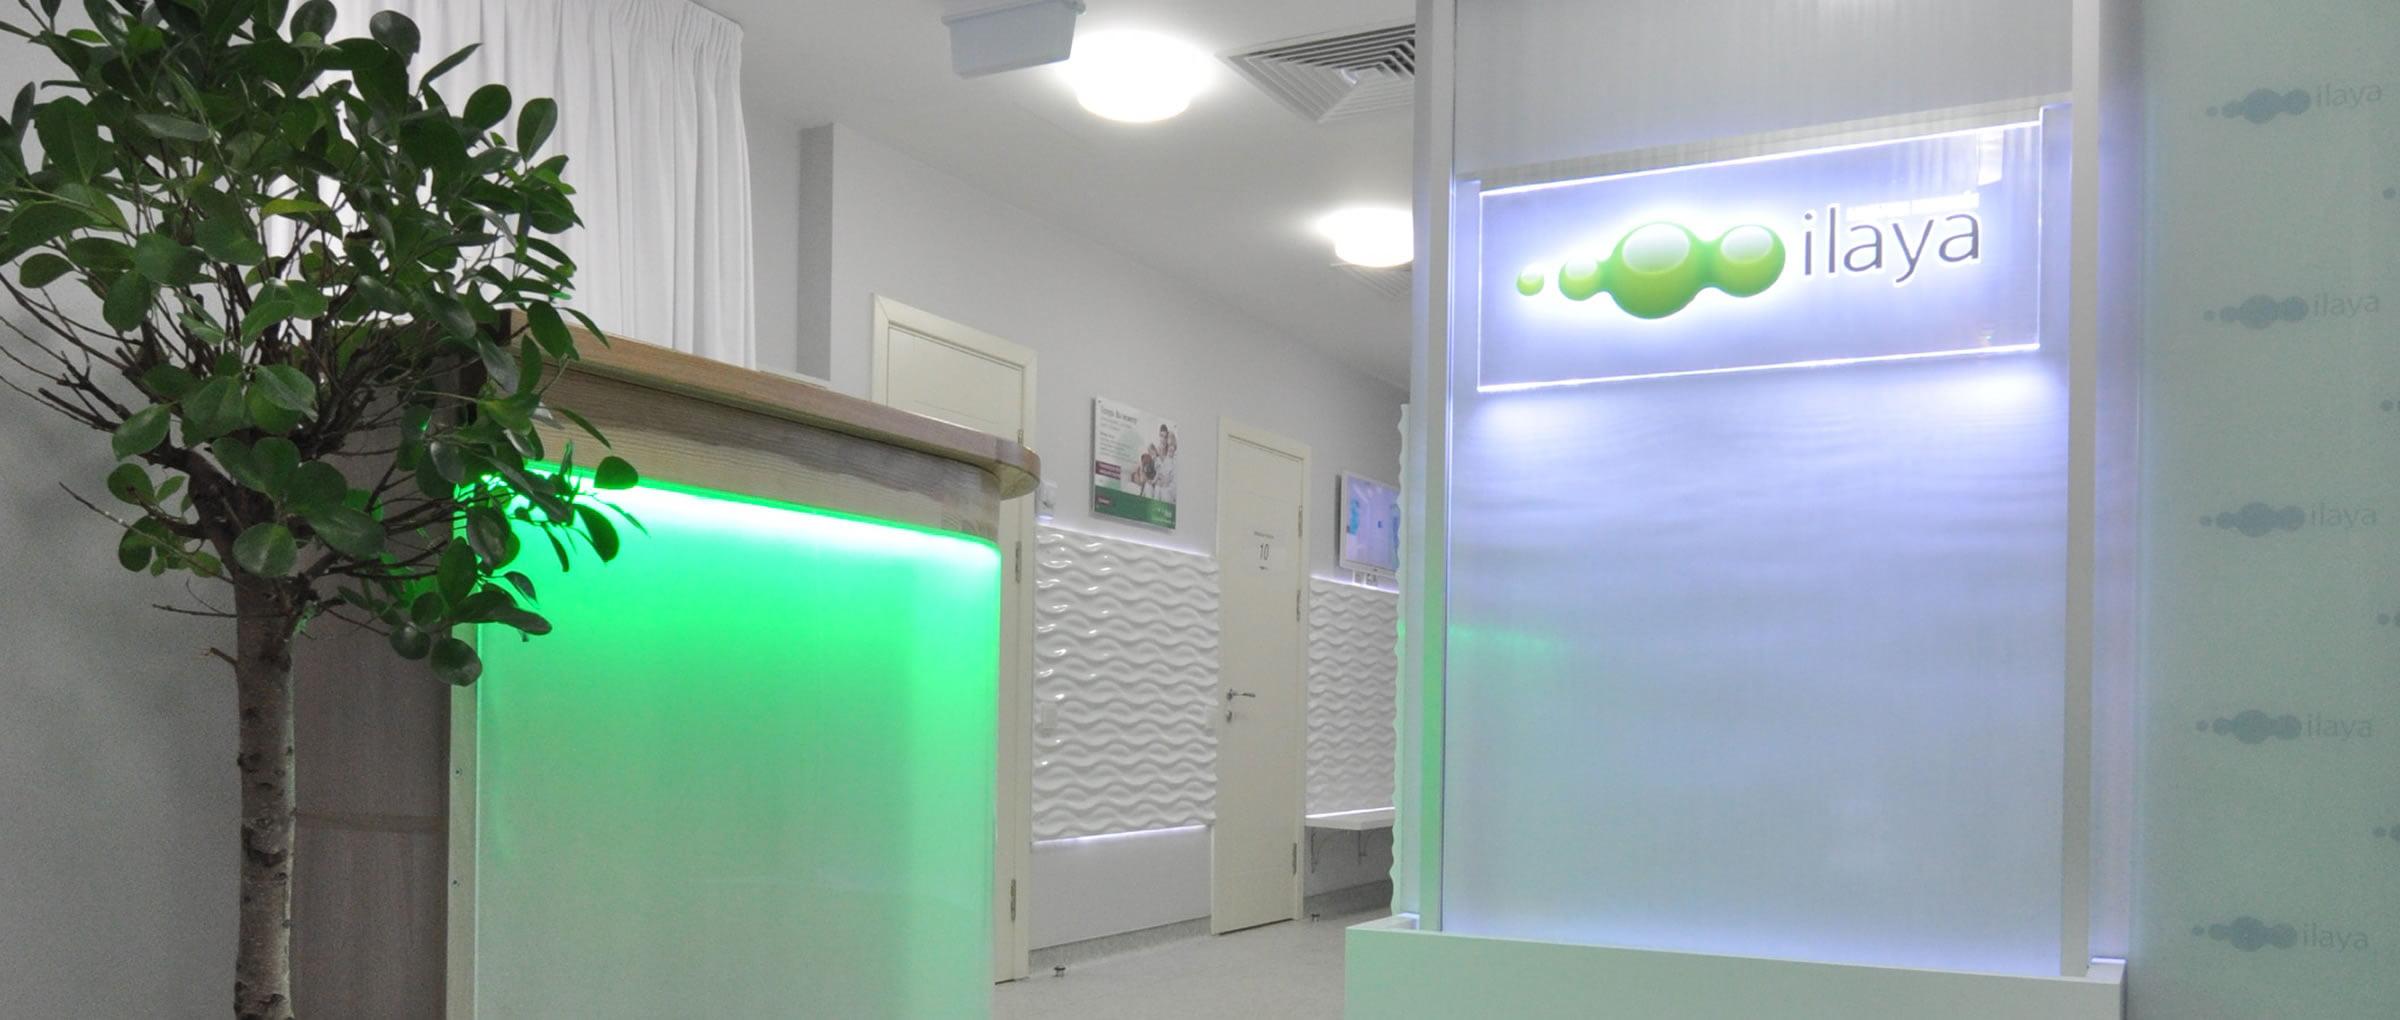 Entrée principale de la clinique ilaya